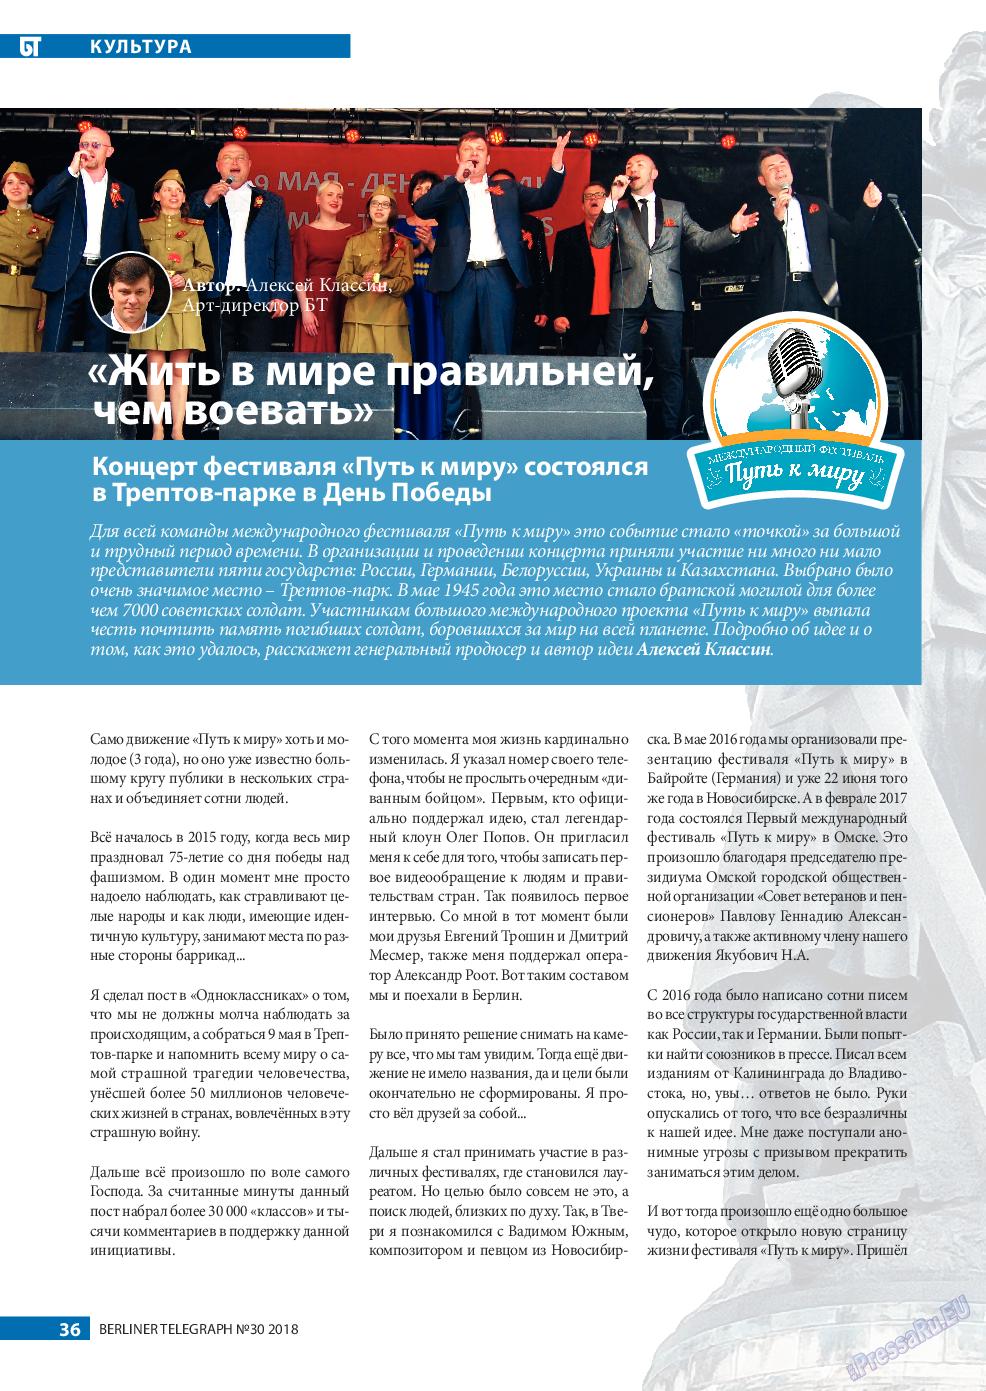 Берлинский телеграф (журнал). 2018 год, номер 30, стр. 36